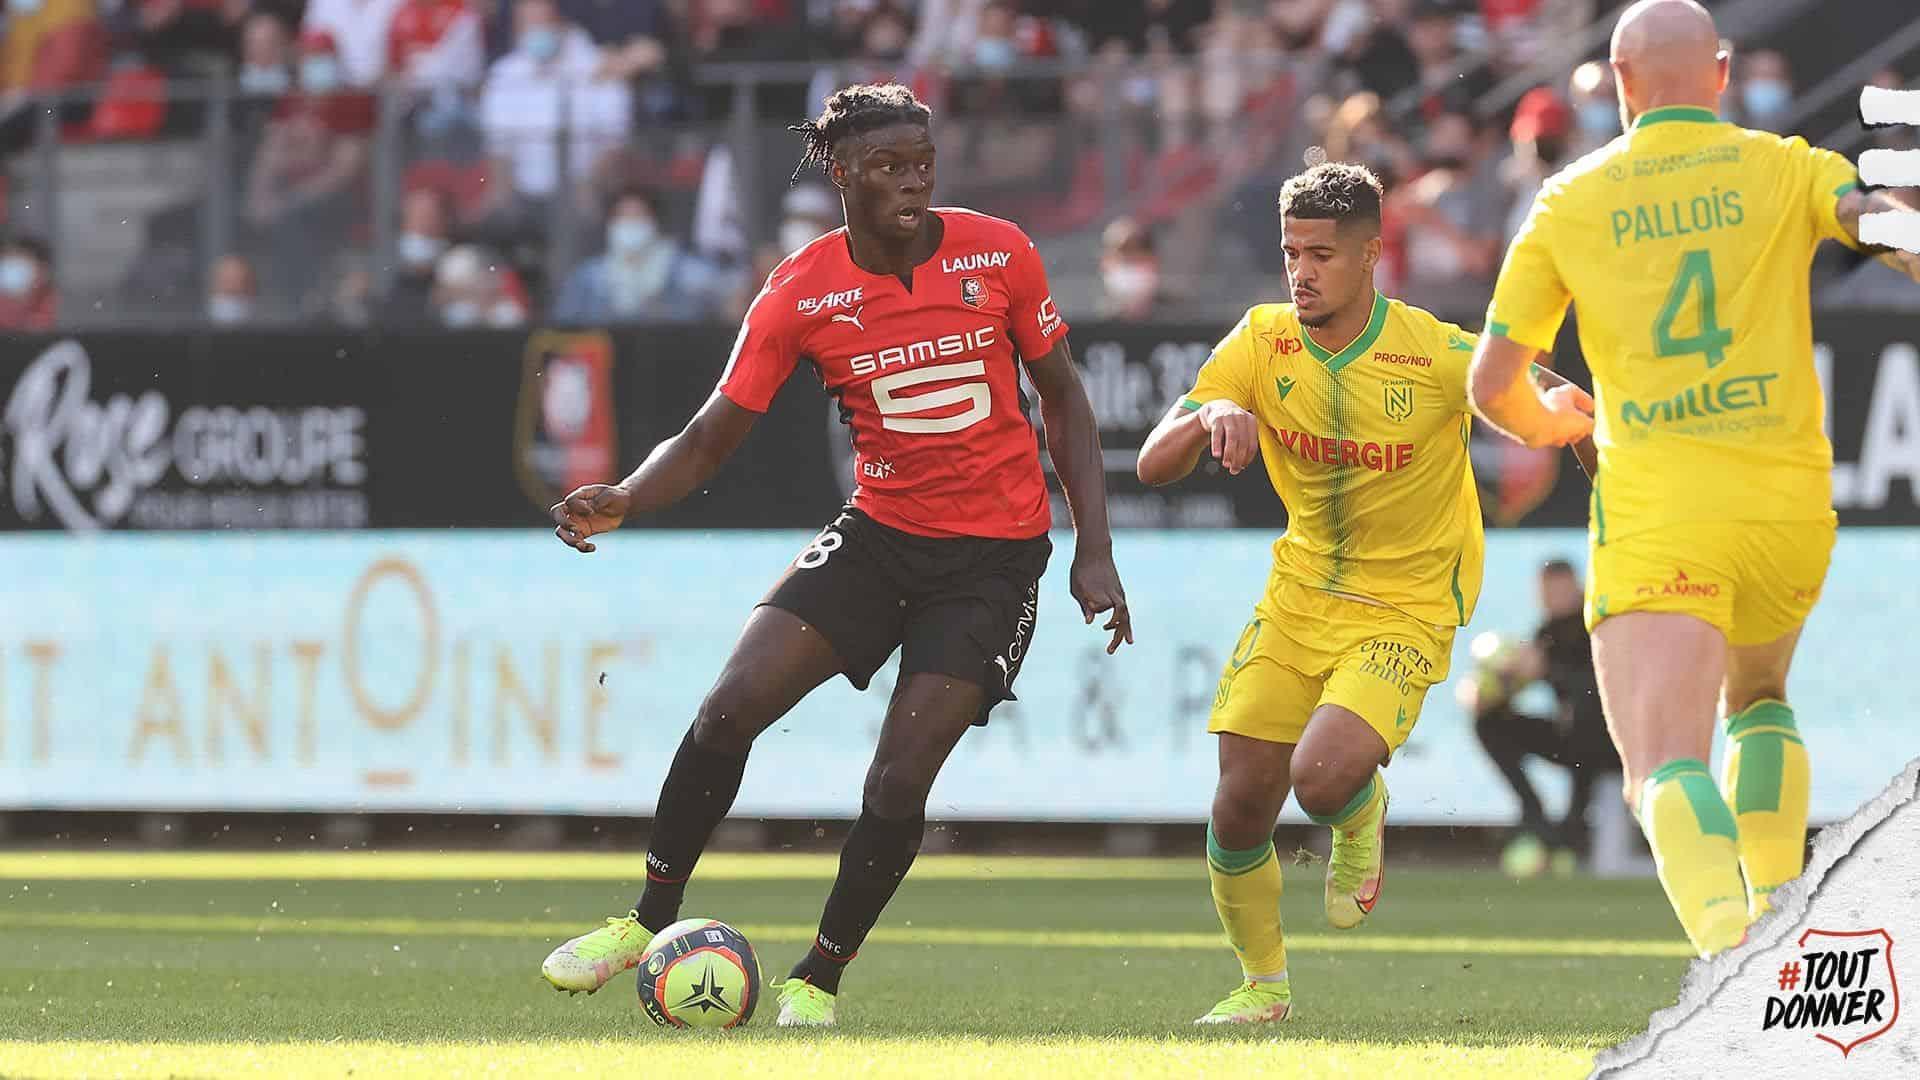 Ponturi pariuri Stade Rennais vs Reims